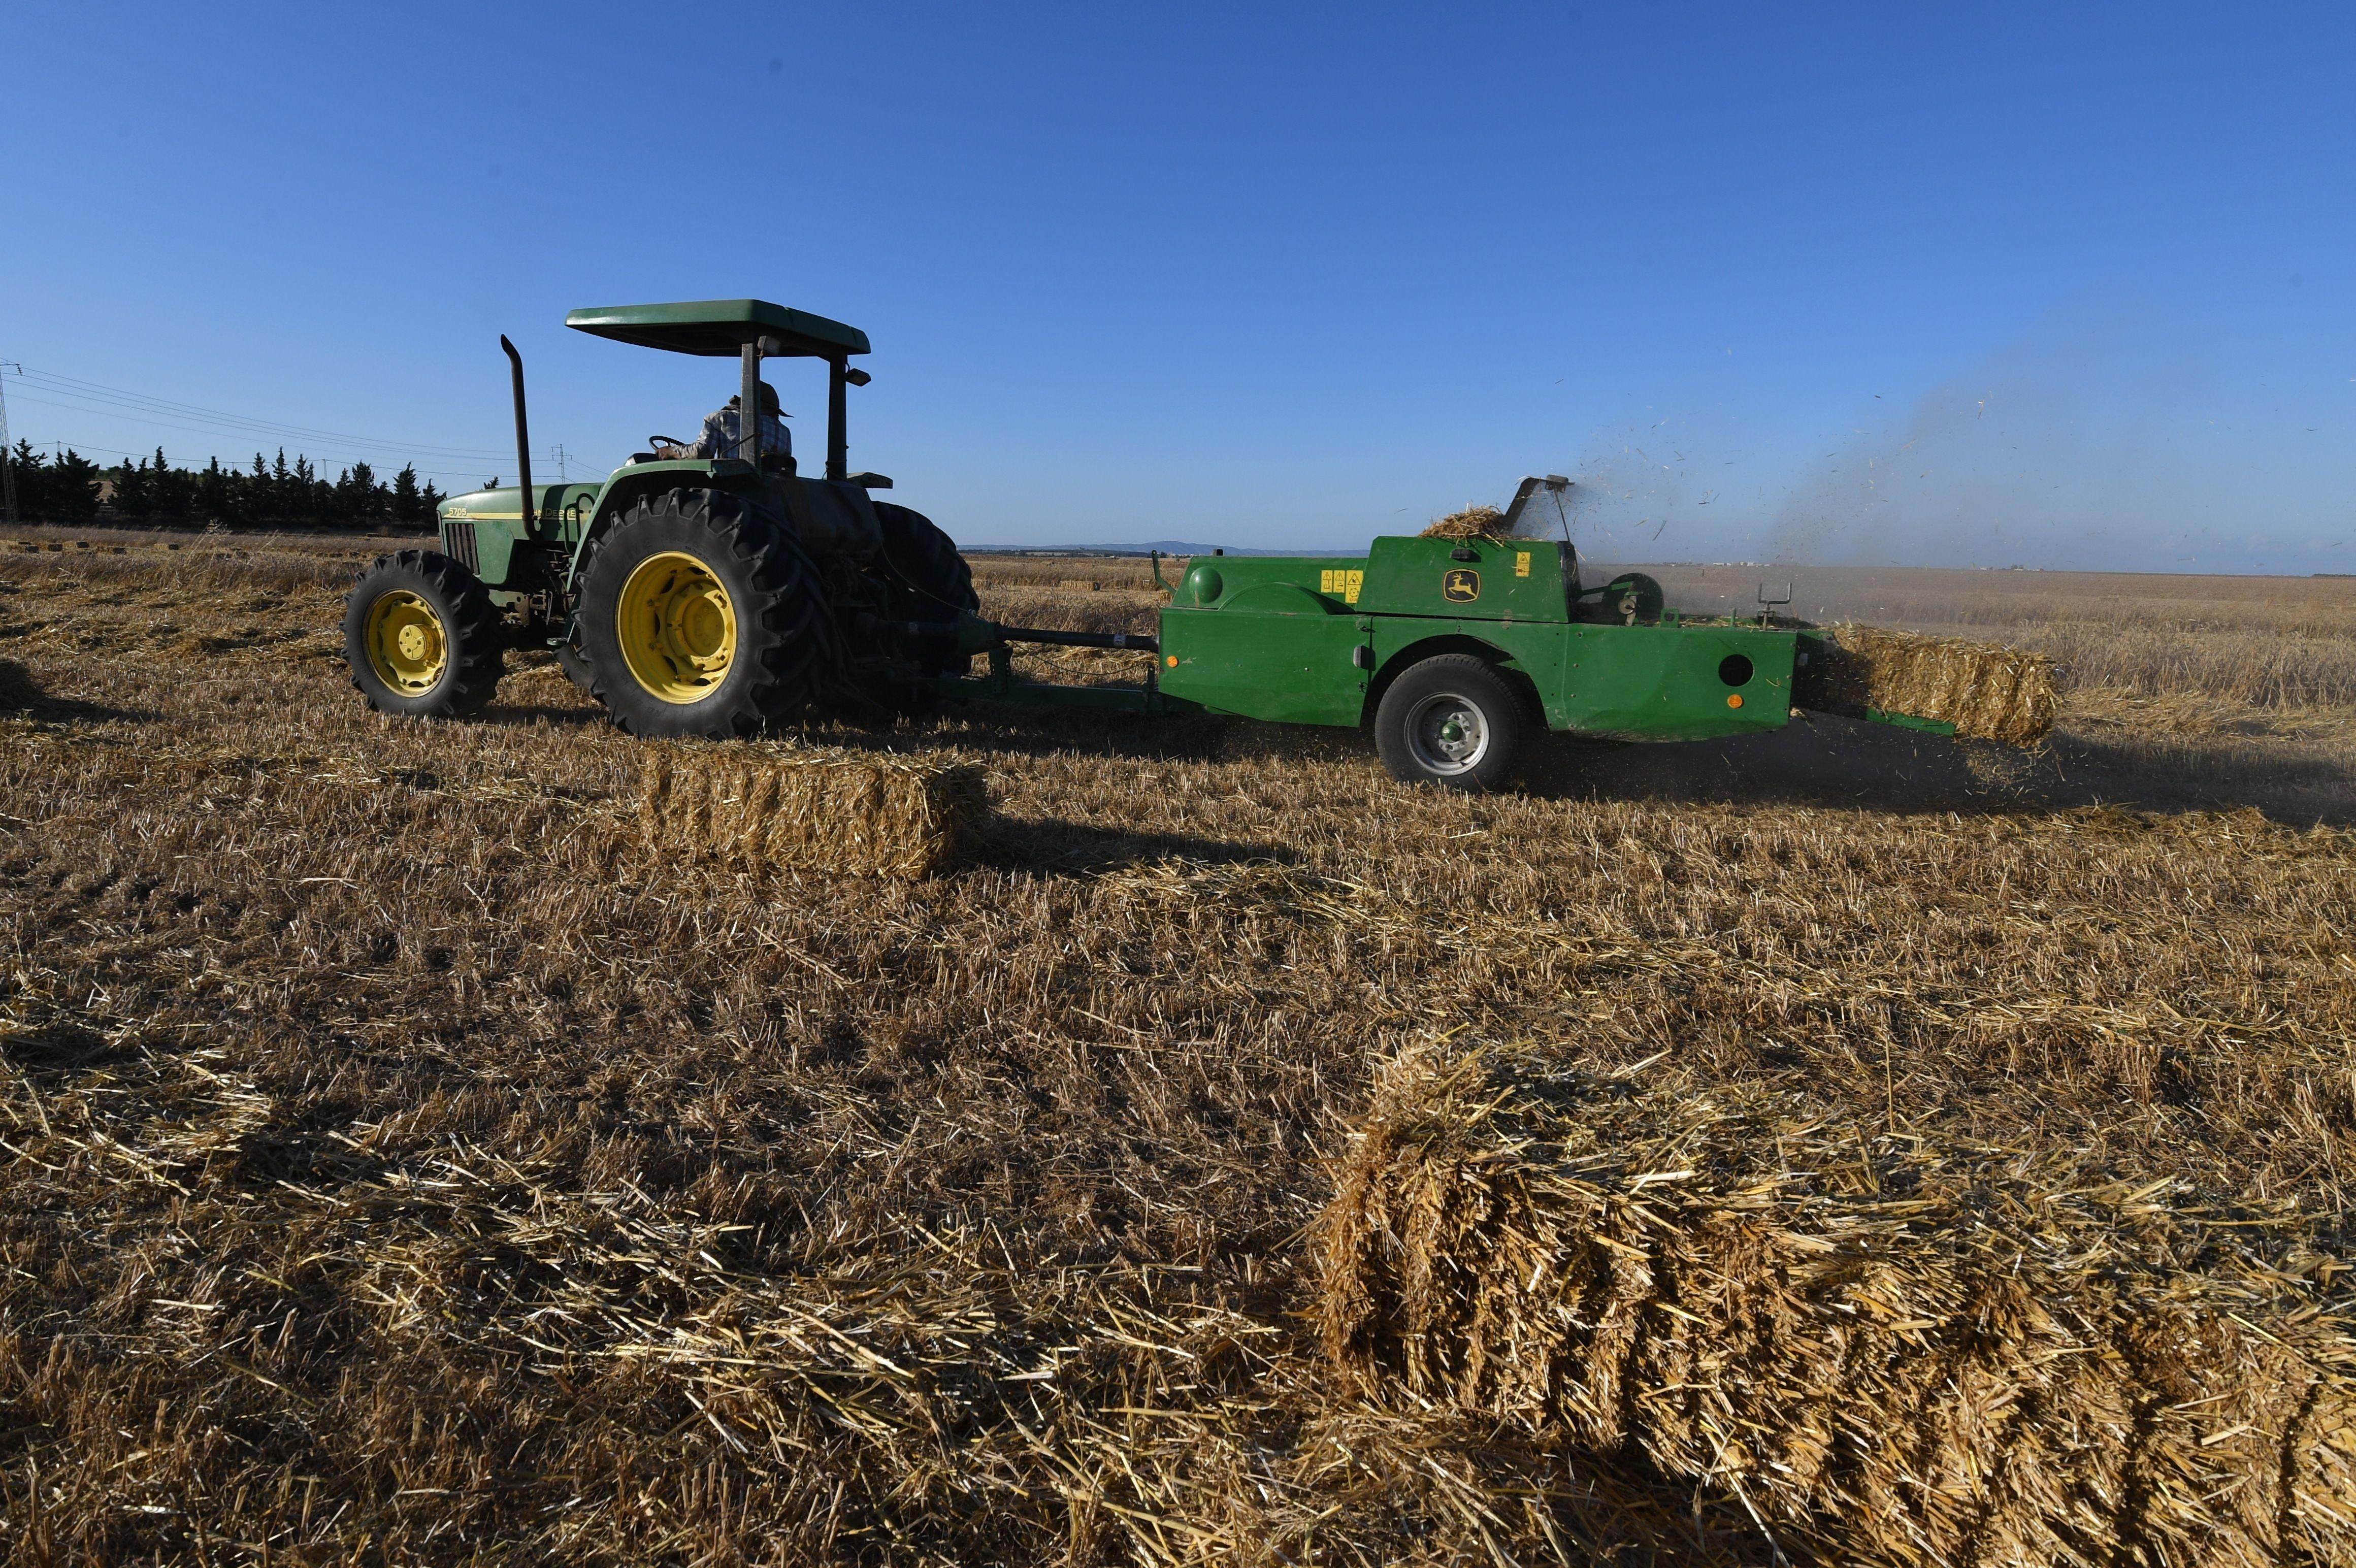 L'UTAP et la SYNAGRI fustigent l'inaction du gouvernement face à un secteur agricole en pleine